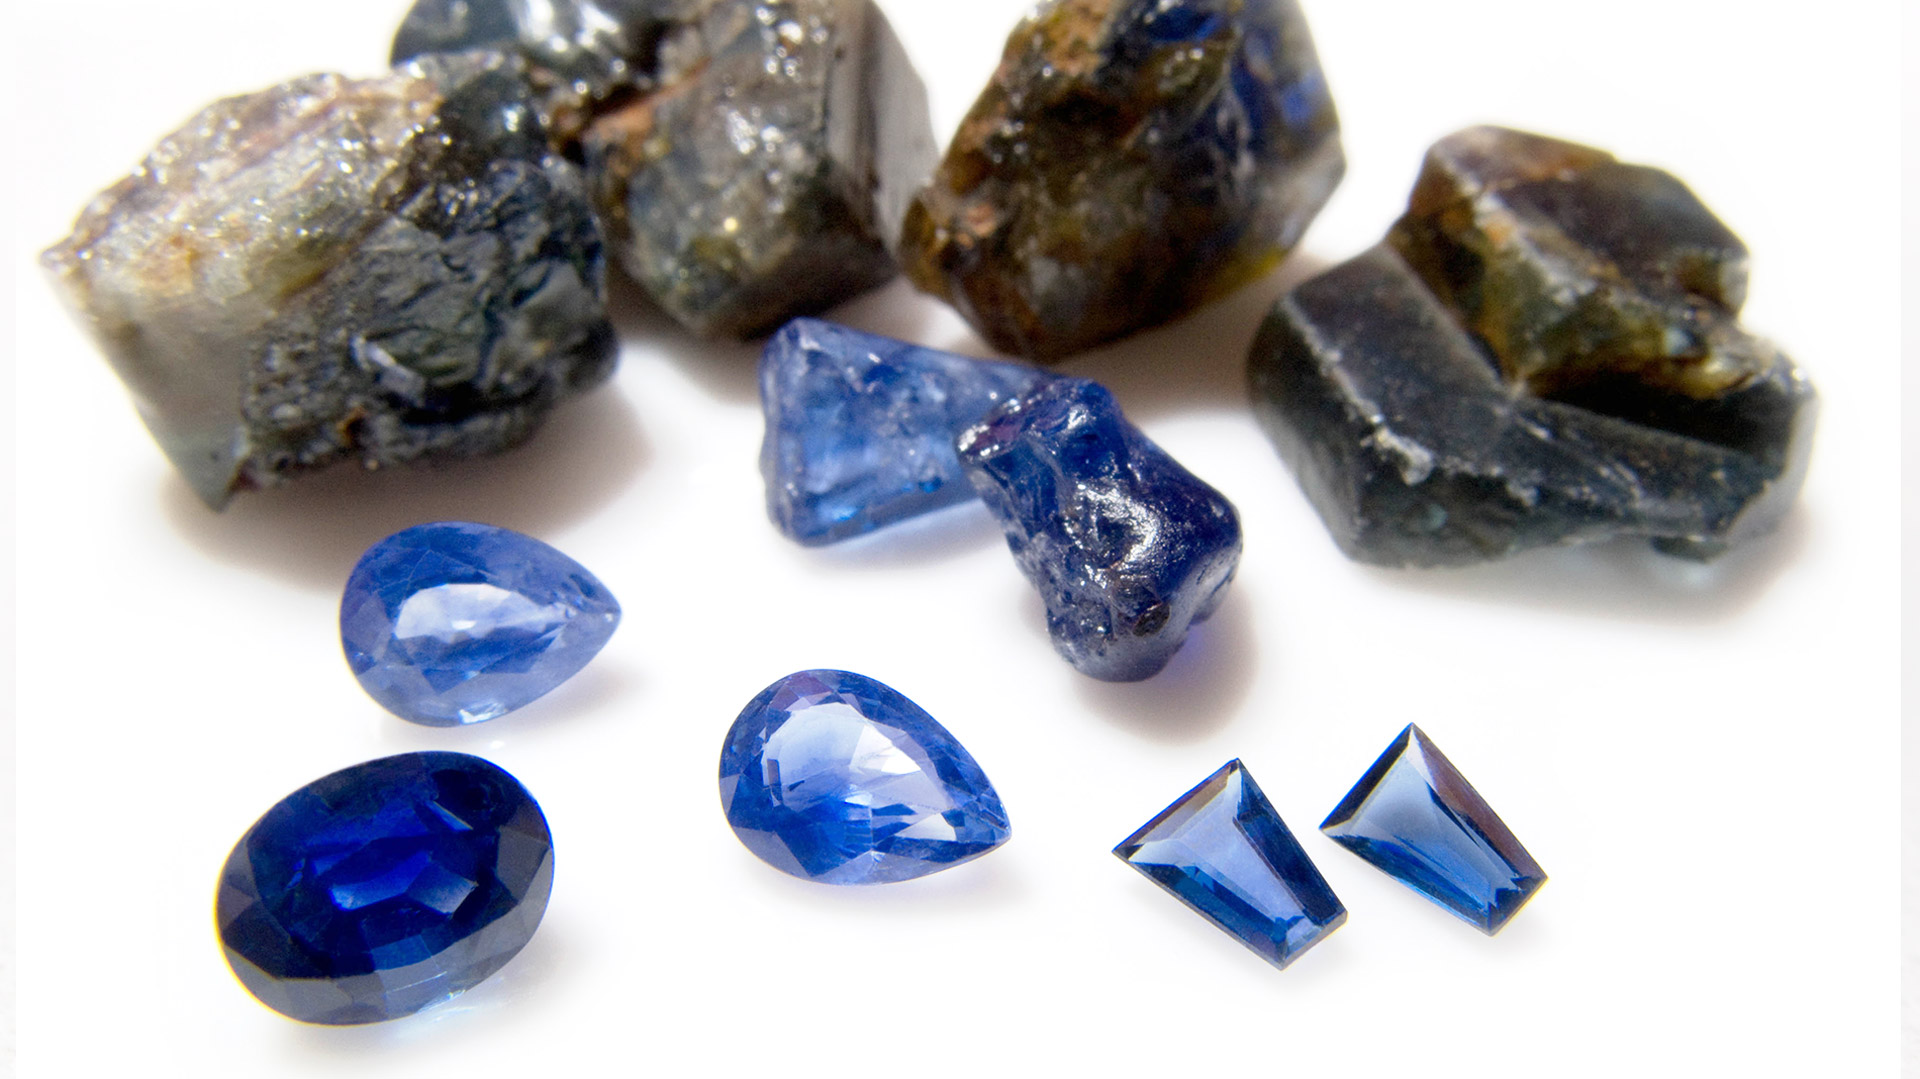 Какой камень подходит в качестве талисмана Козерогу?